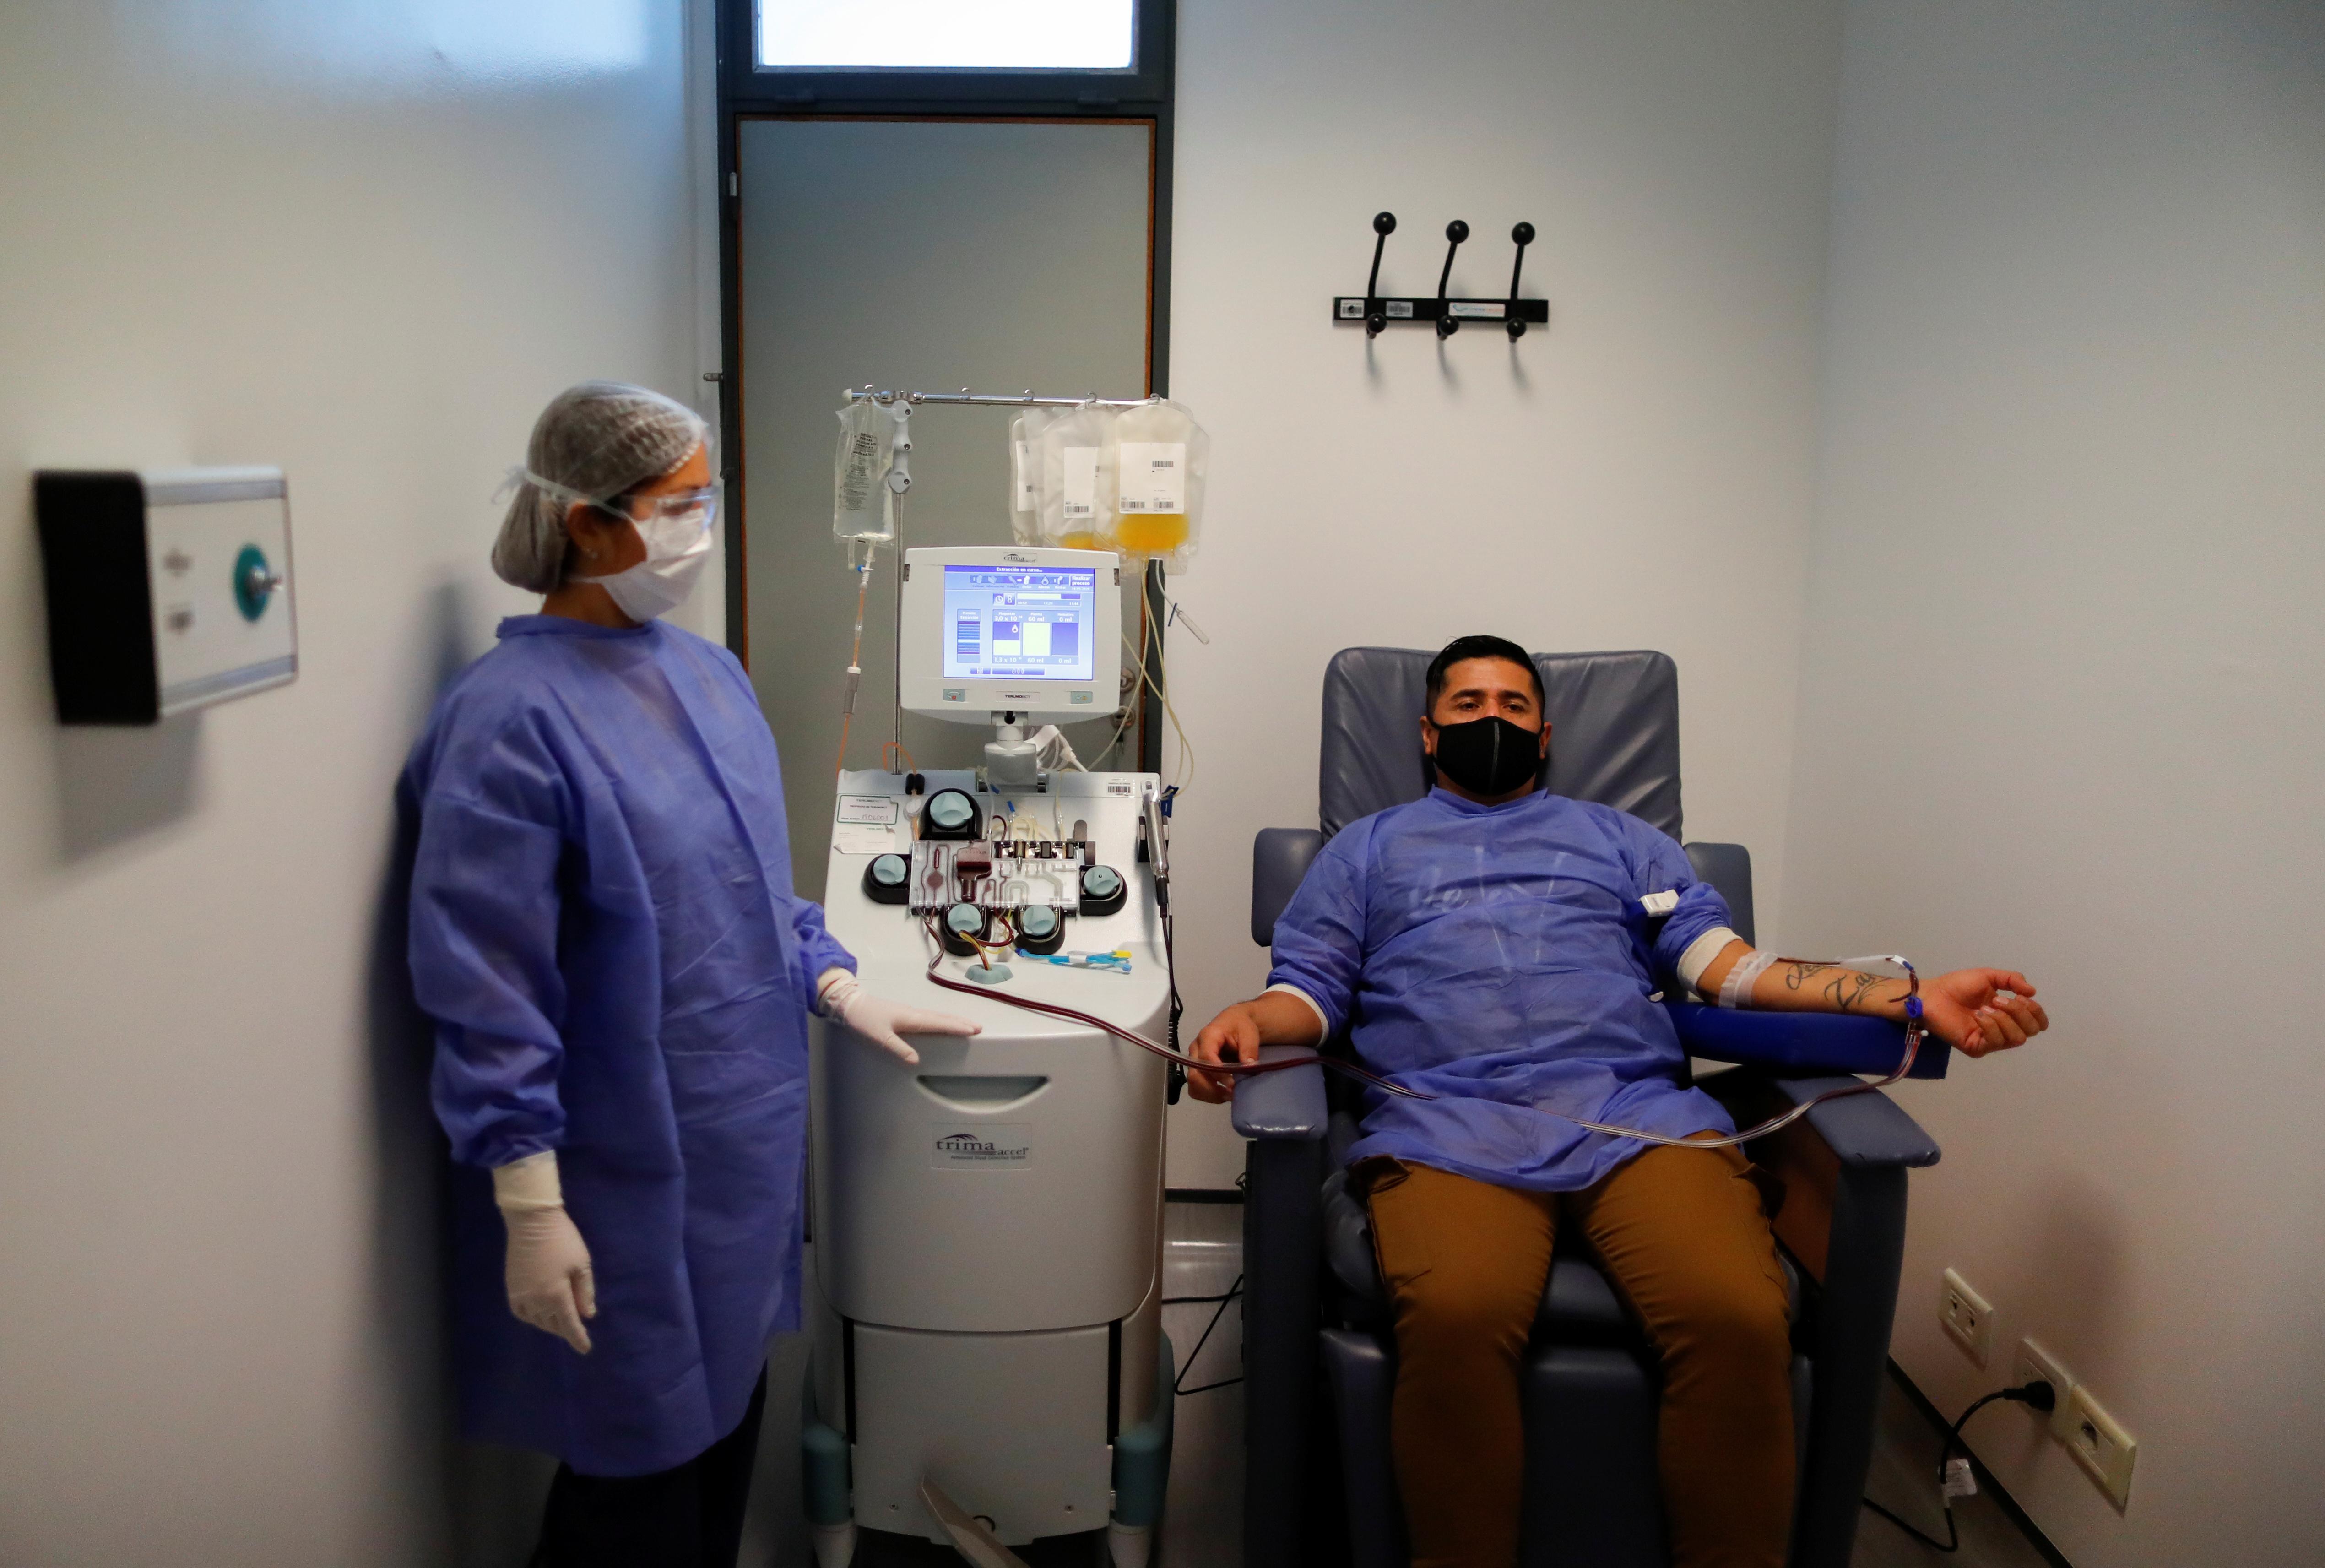 El 14 de mayo, un voluntario dona plasma por aféresis como parte de una prueba para ayudar con el tratamiento de la enfermedad por coronavirus en el hospital El Cruce, en Florencio Varela. Por cada donante de plasma, se calcula que cuatro pacientes pueden mejorar su estado de salud y no llegar a tener la fase crítica de la enfermedad.